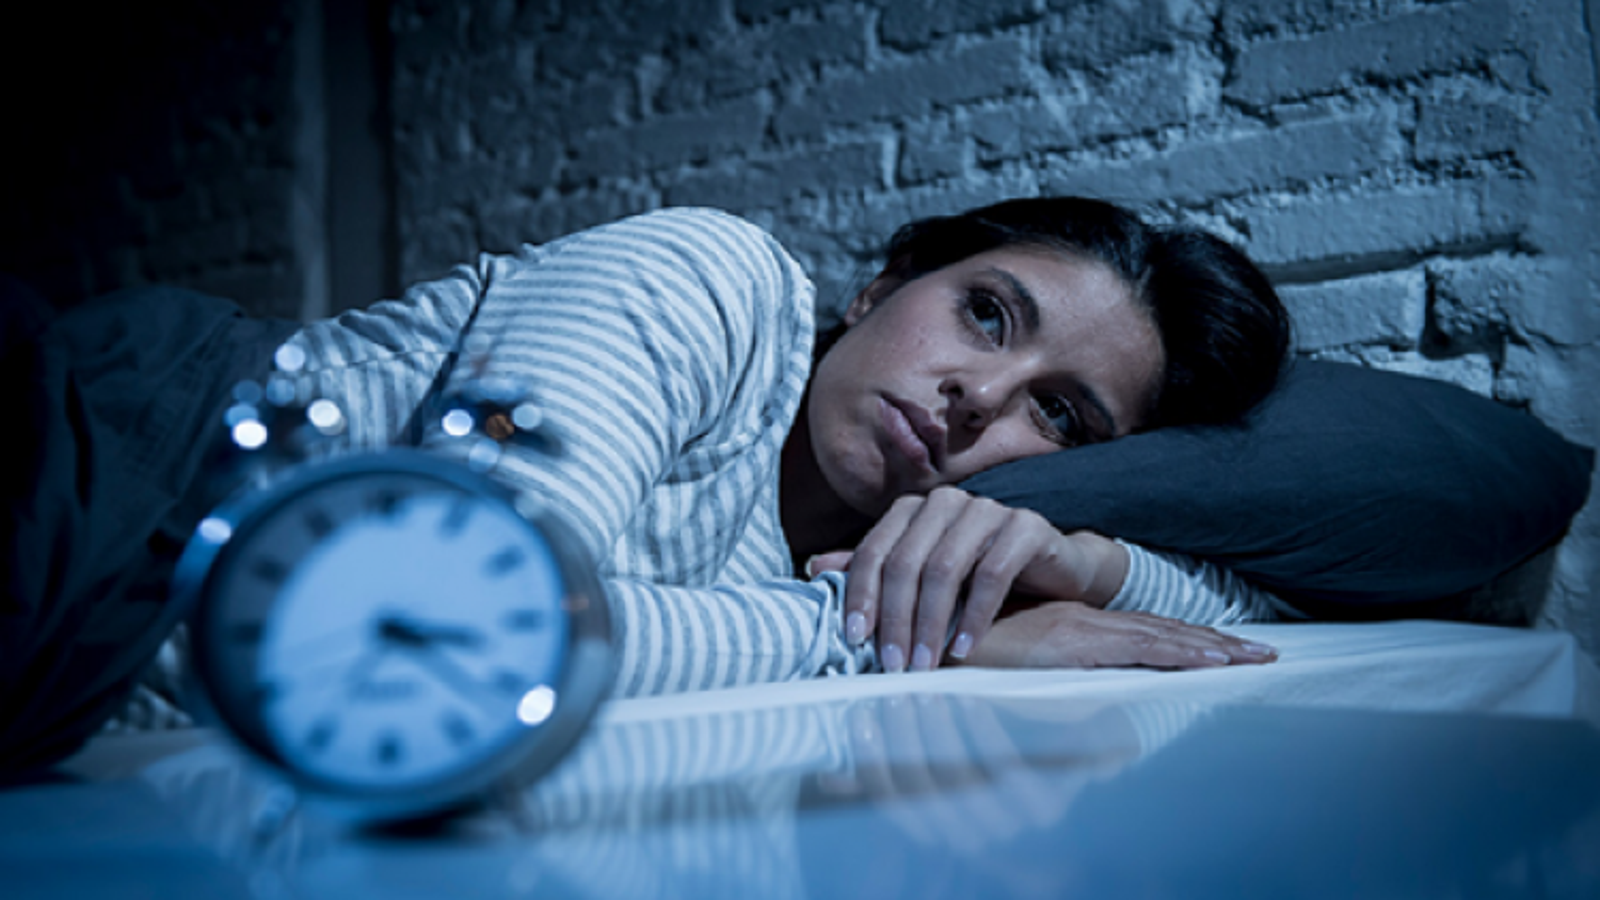 Thiếu hụt các vitamin và khoáng chất nào có thể gây mất ngủ?